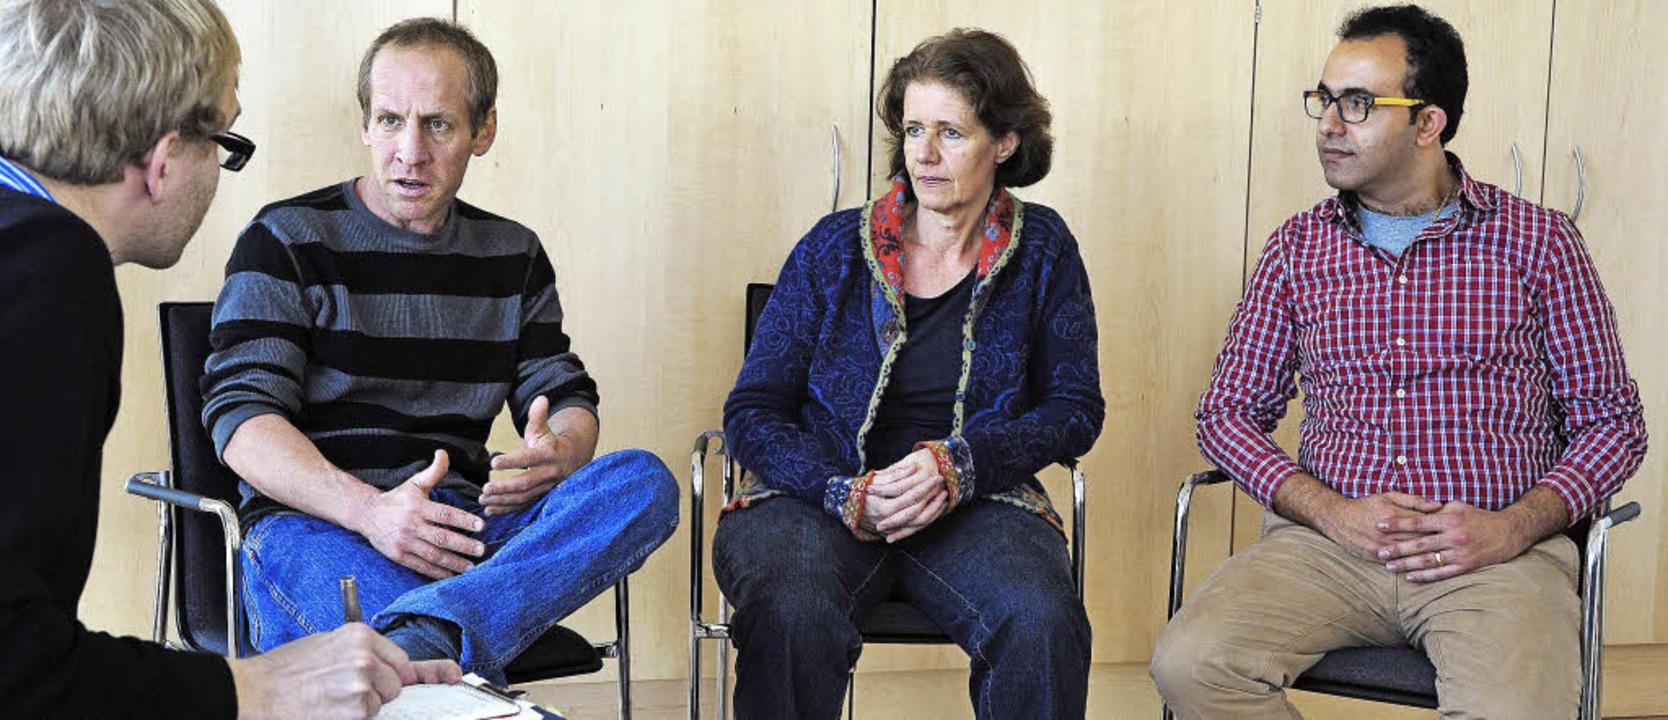 Trialog für Frieden in Nahost: Avner D...eute und Antwan Saca Saleh (von links)  | Foto: Thomas Kunz